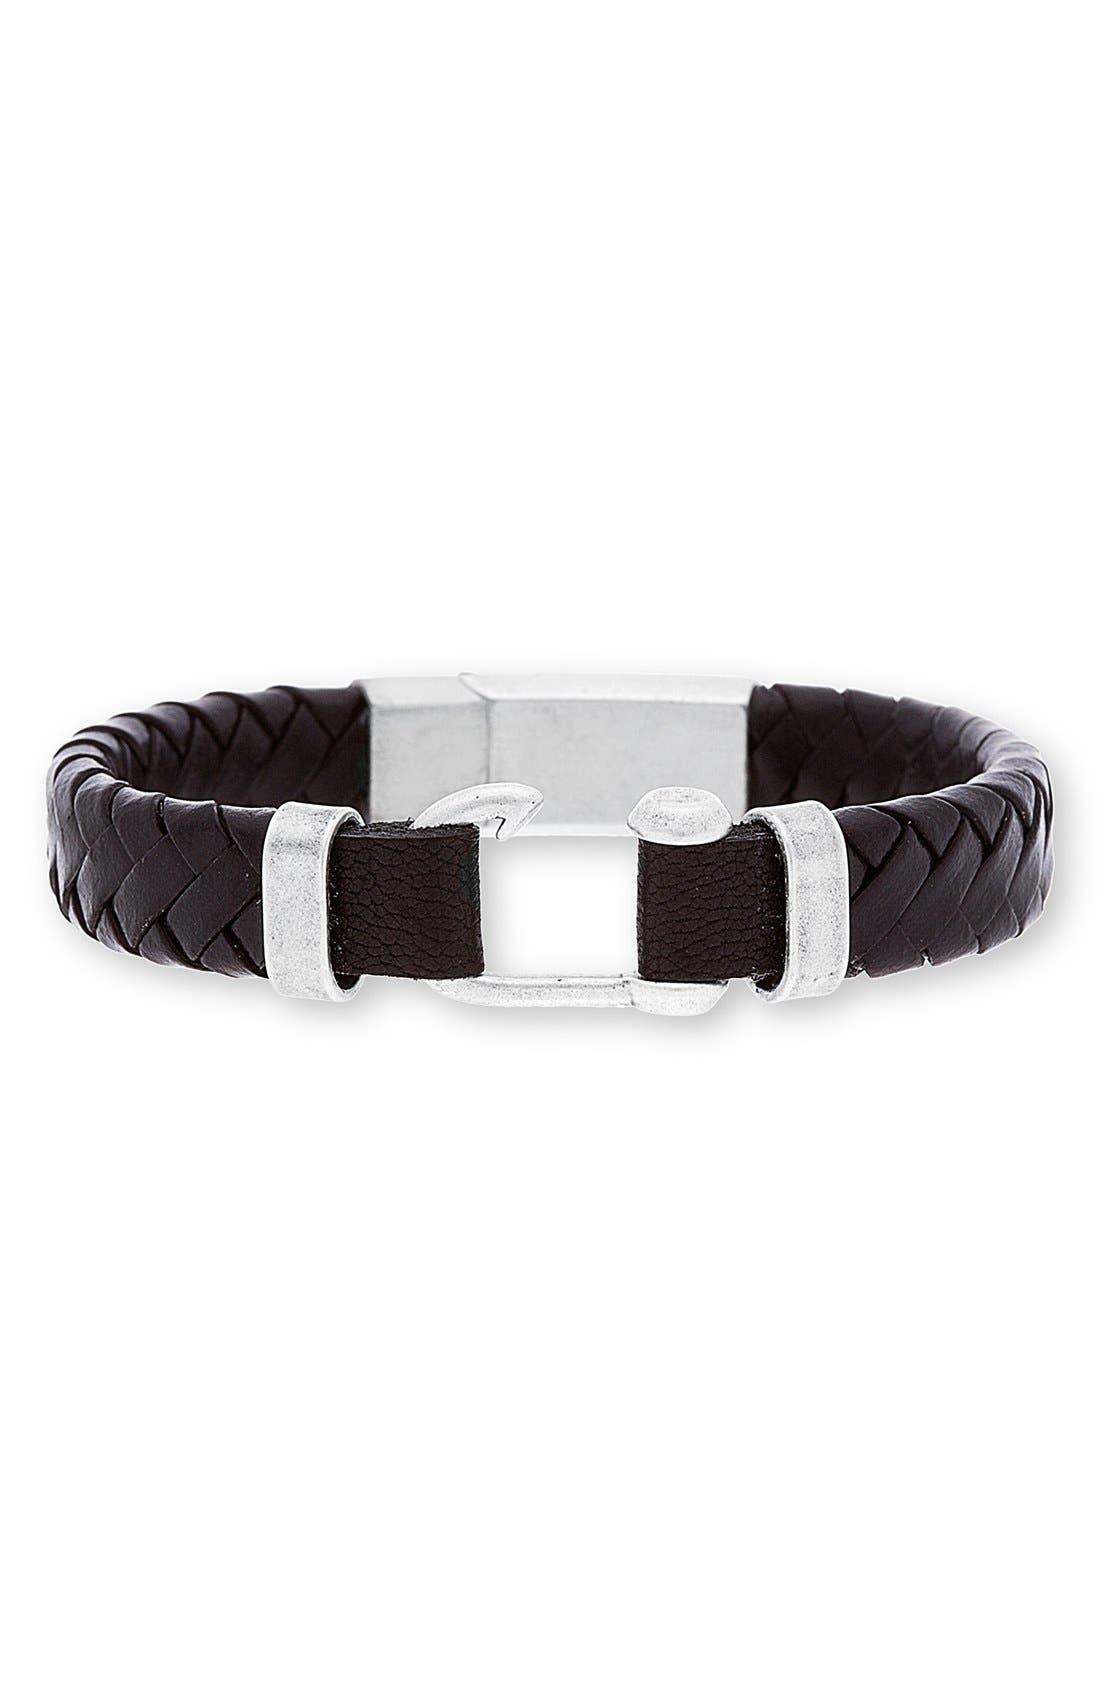 Main Image - Steve Madden Braided Leather Bracelet